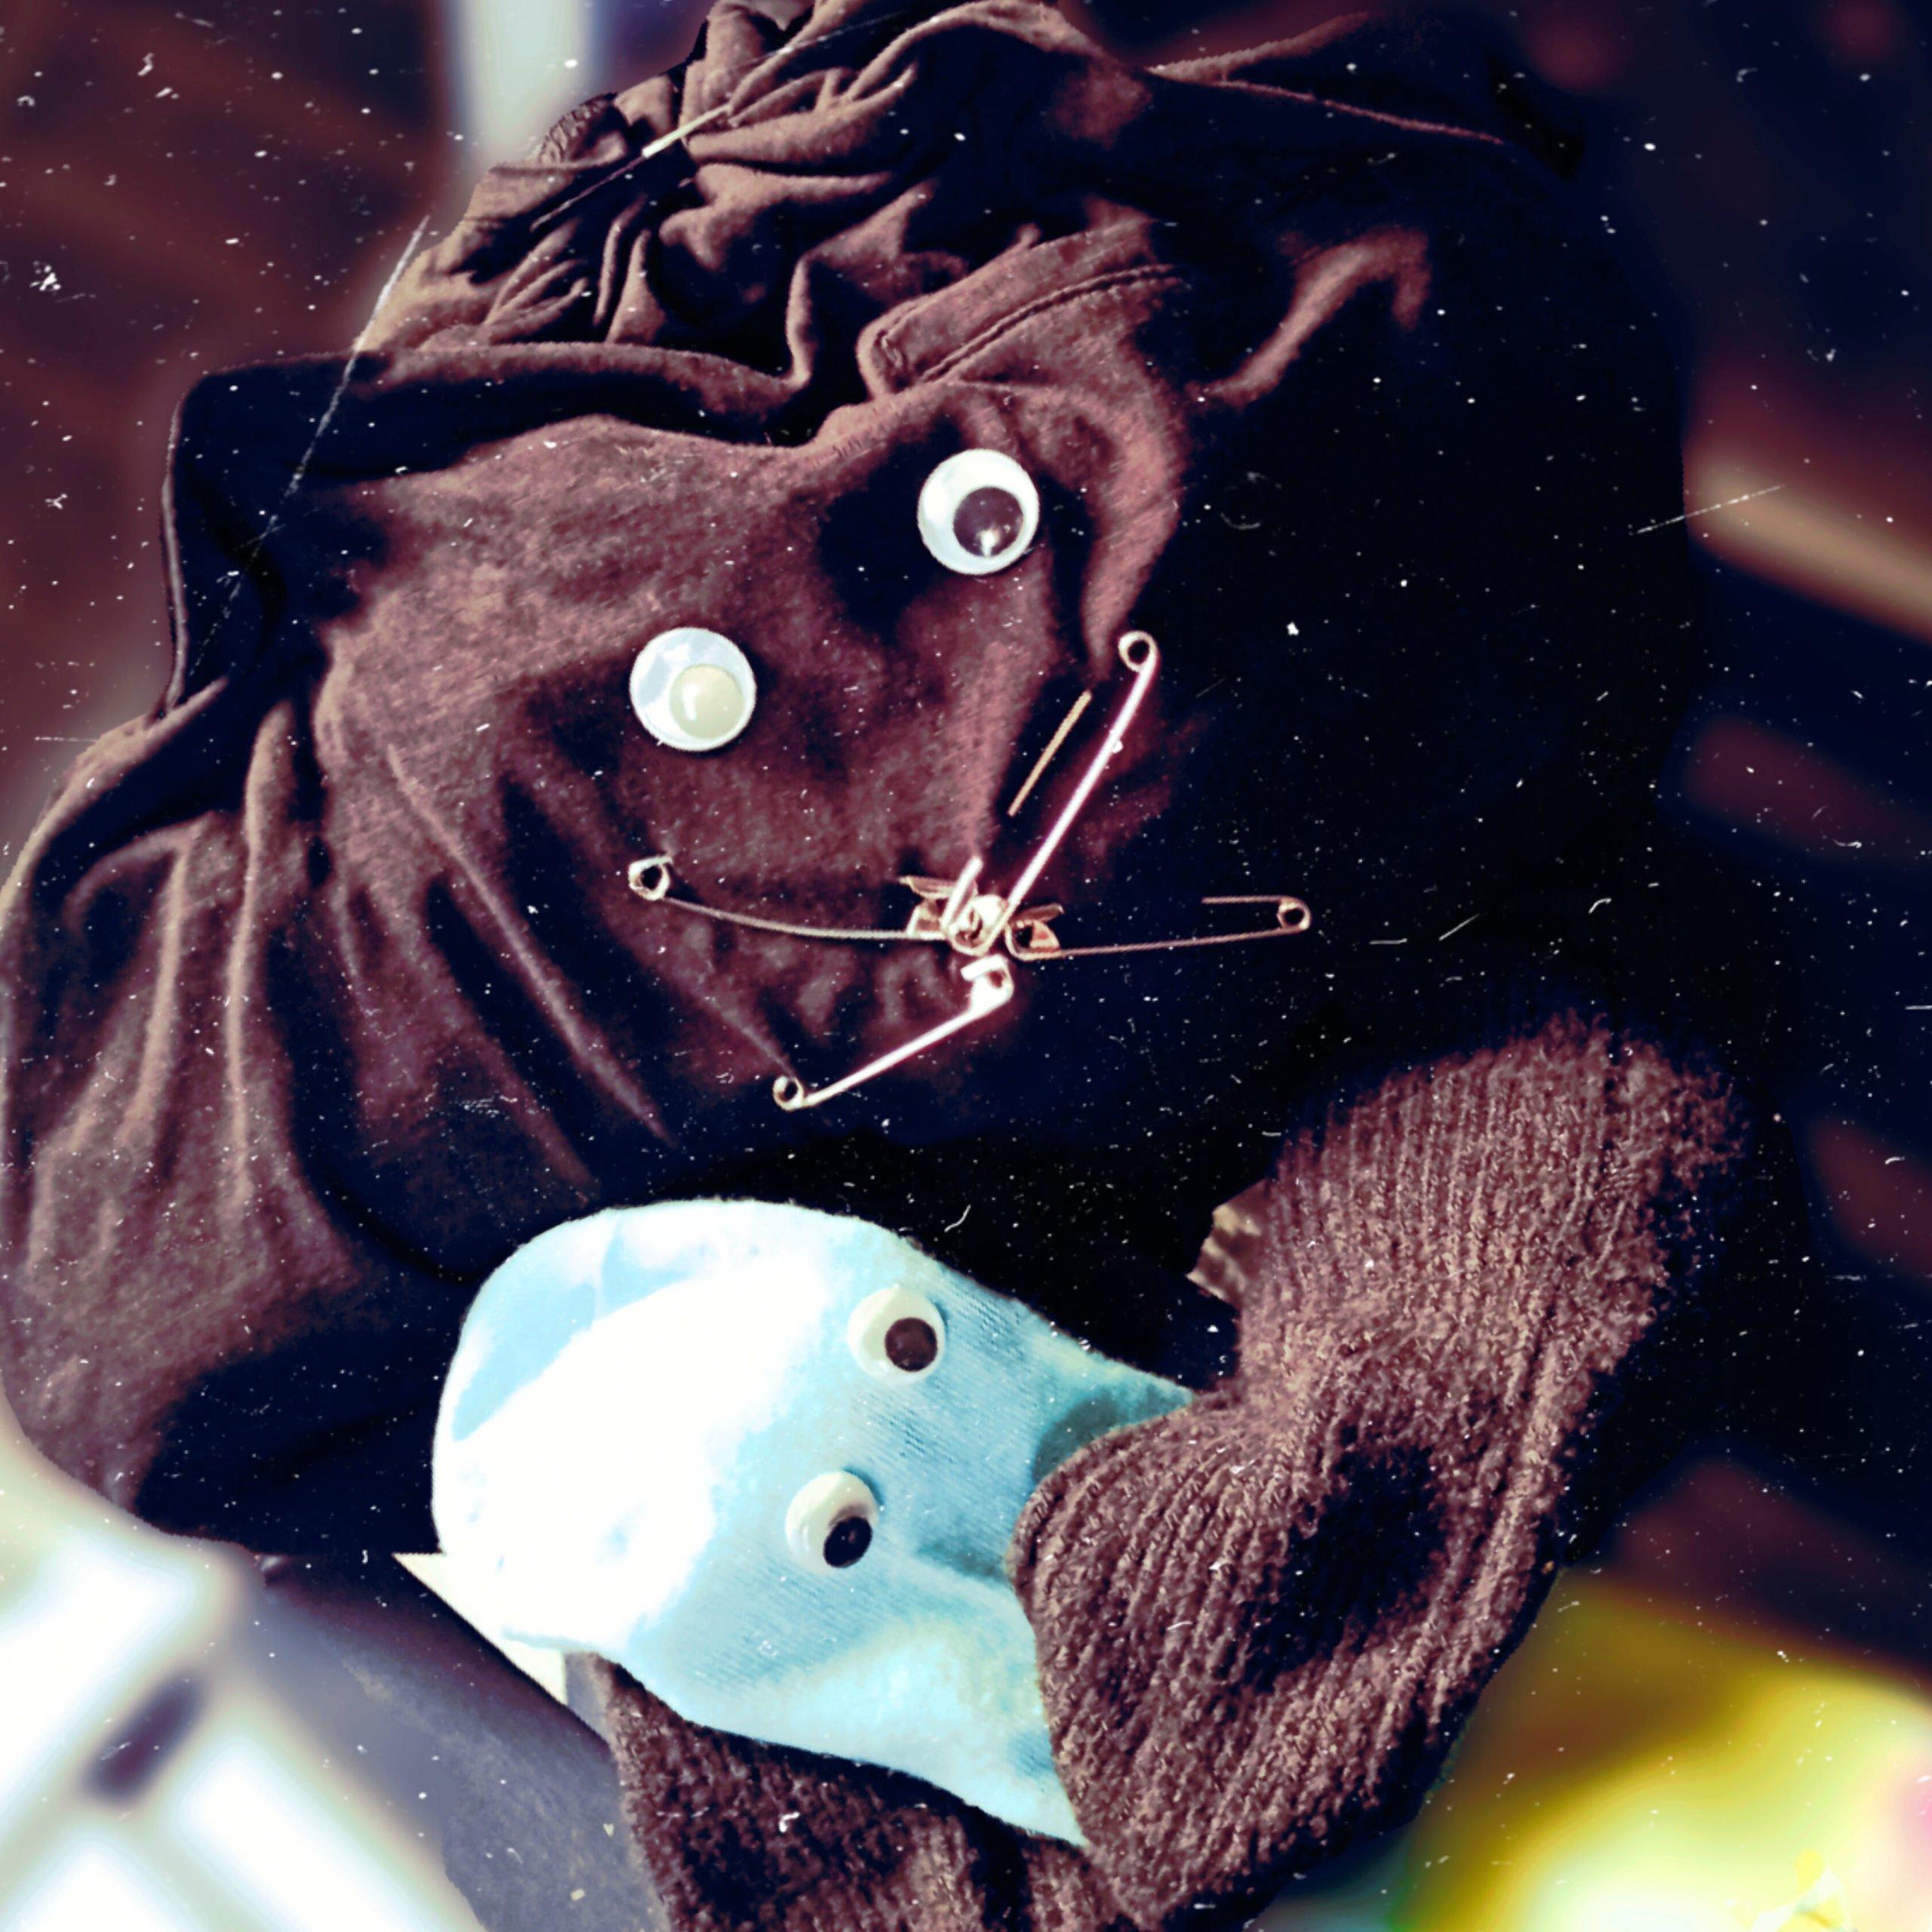 Zdjęcie dwóch skarpetek z nagrania. Niebieskiej z oczami i brązowej z oczami oraz z wąsami z agrafek